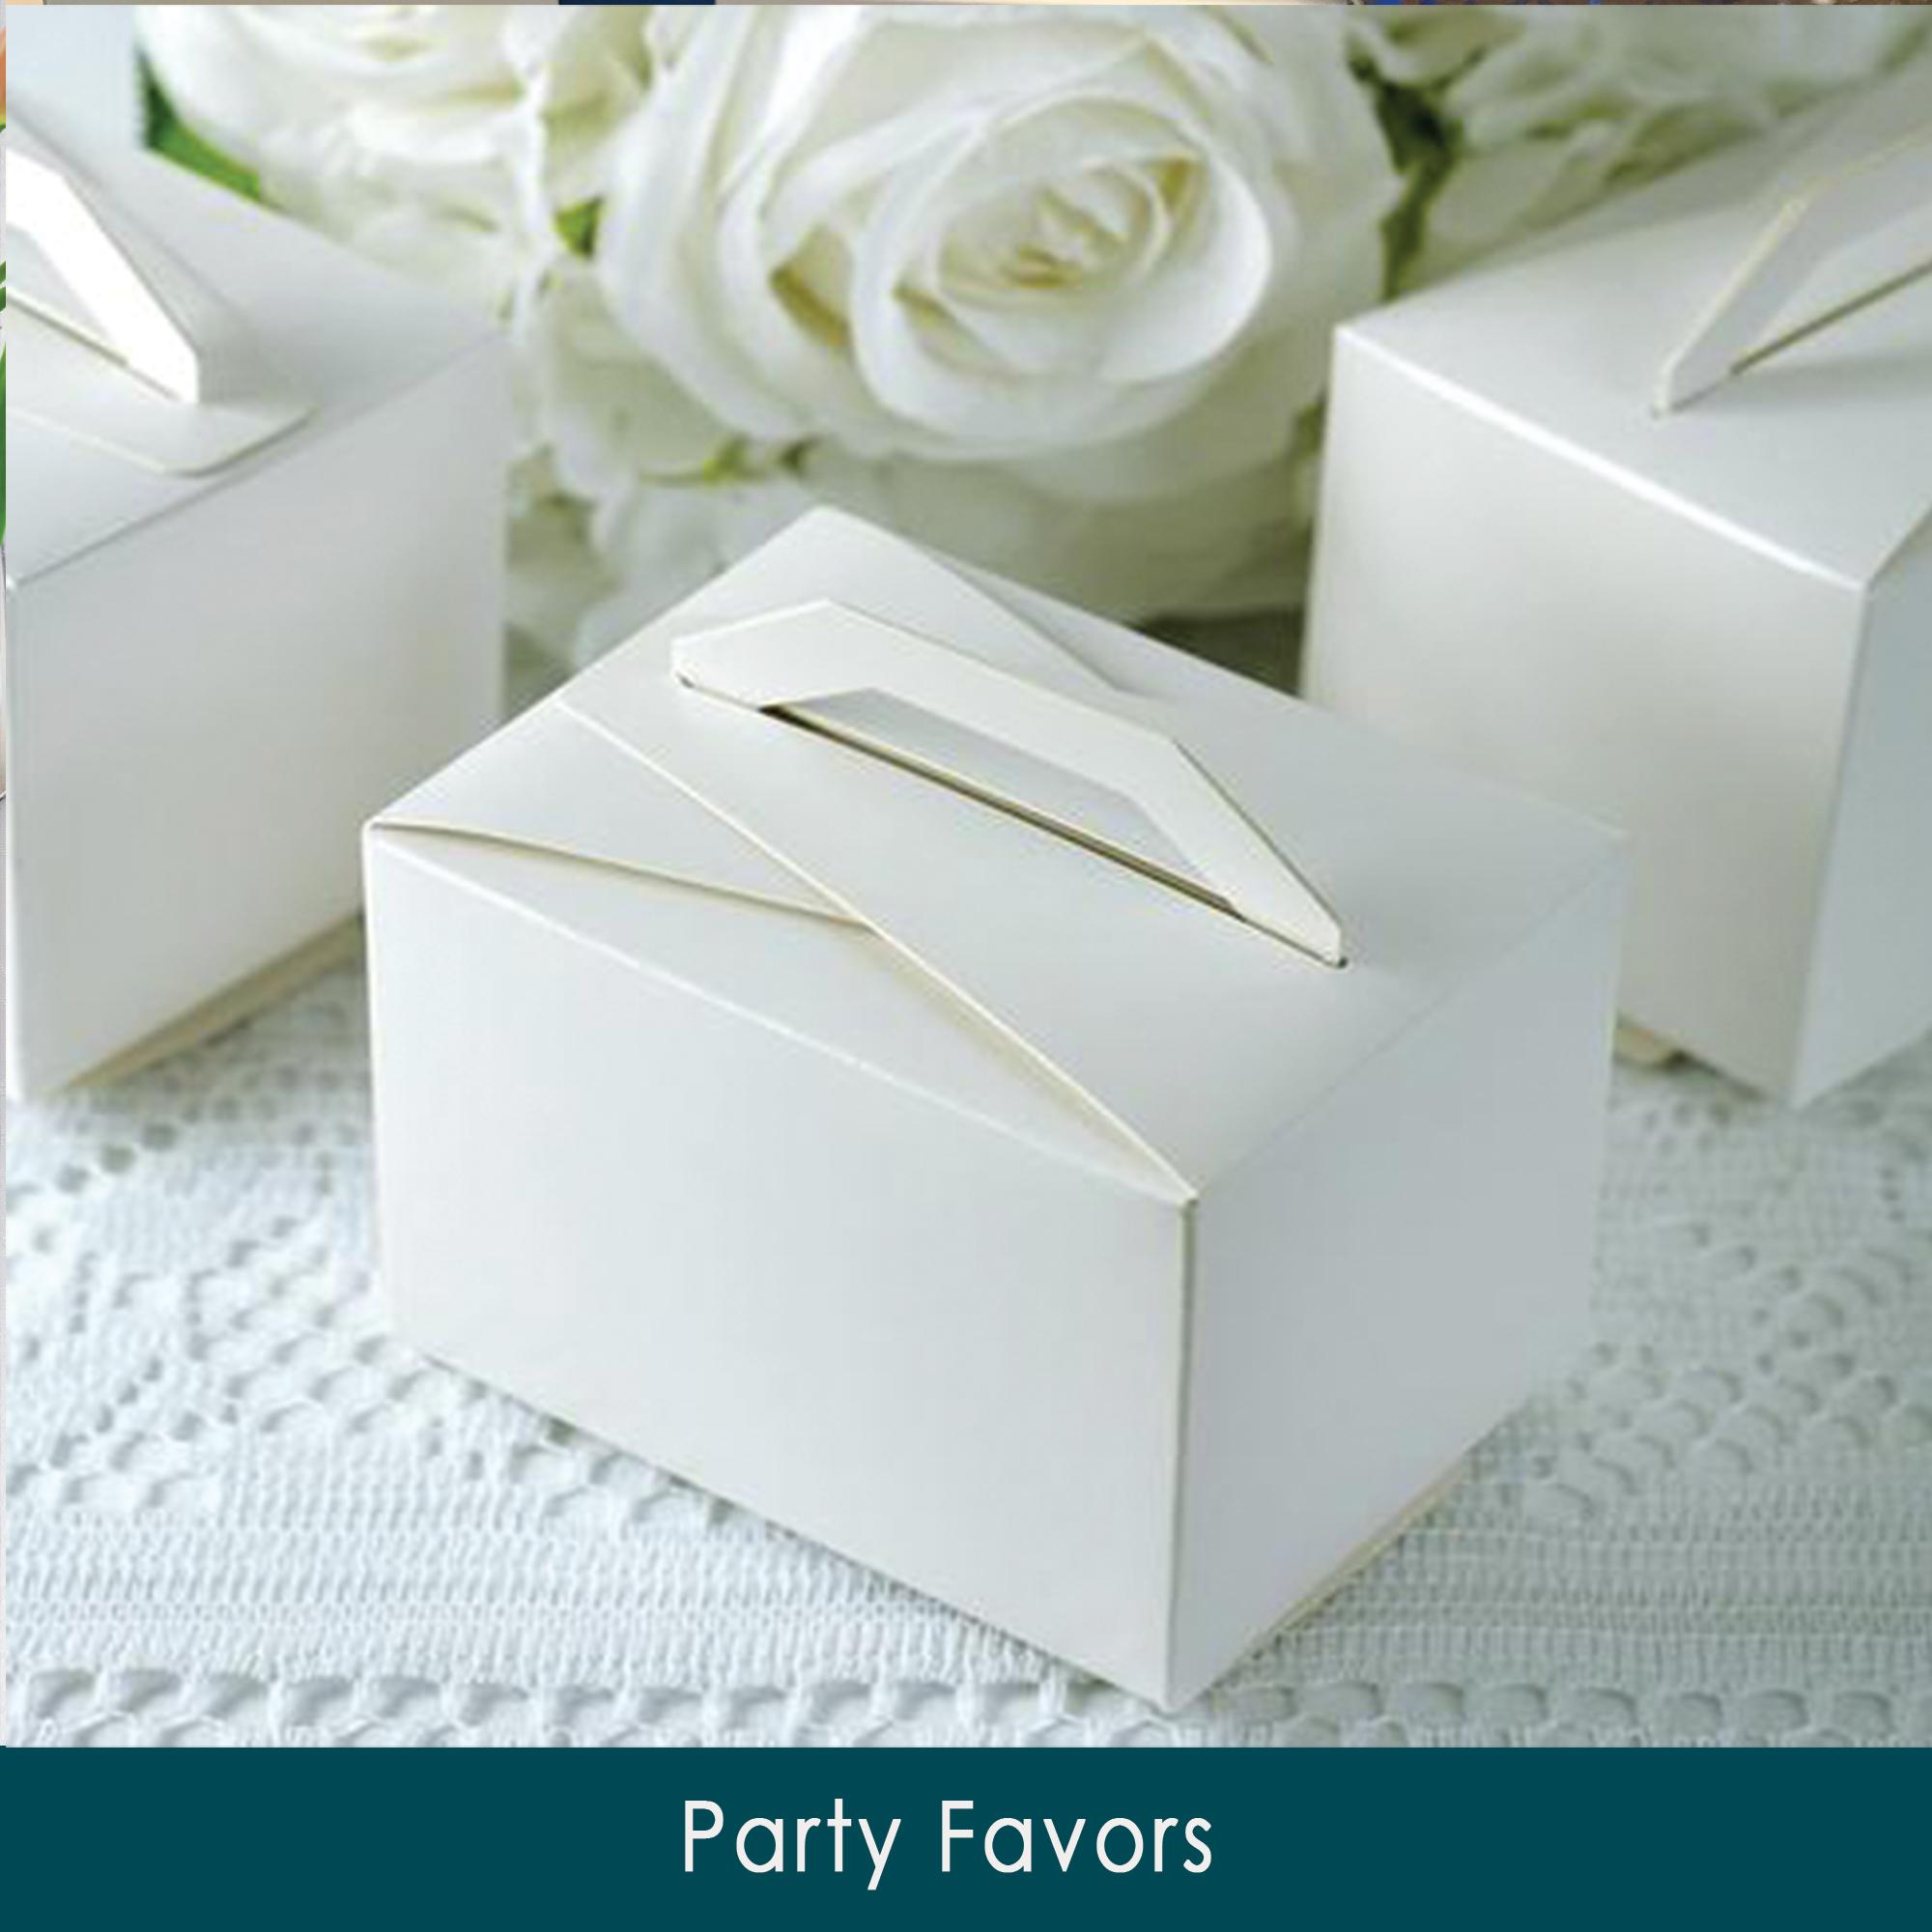 Party-Favors